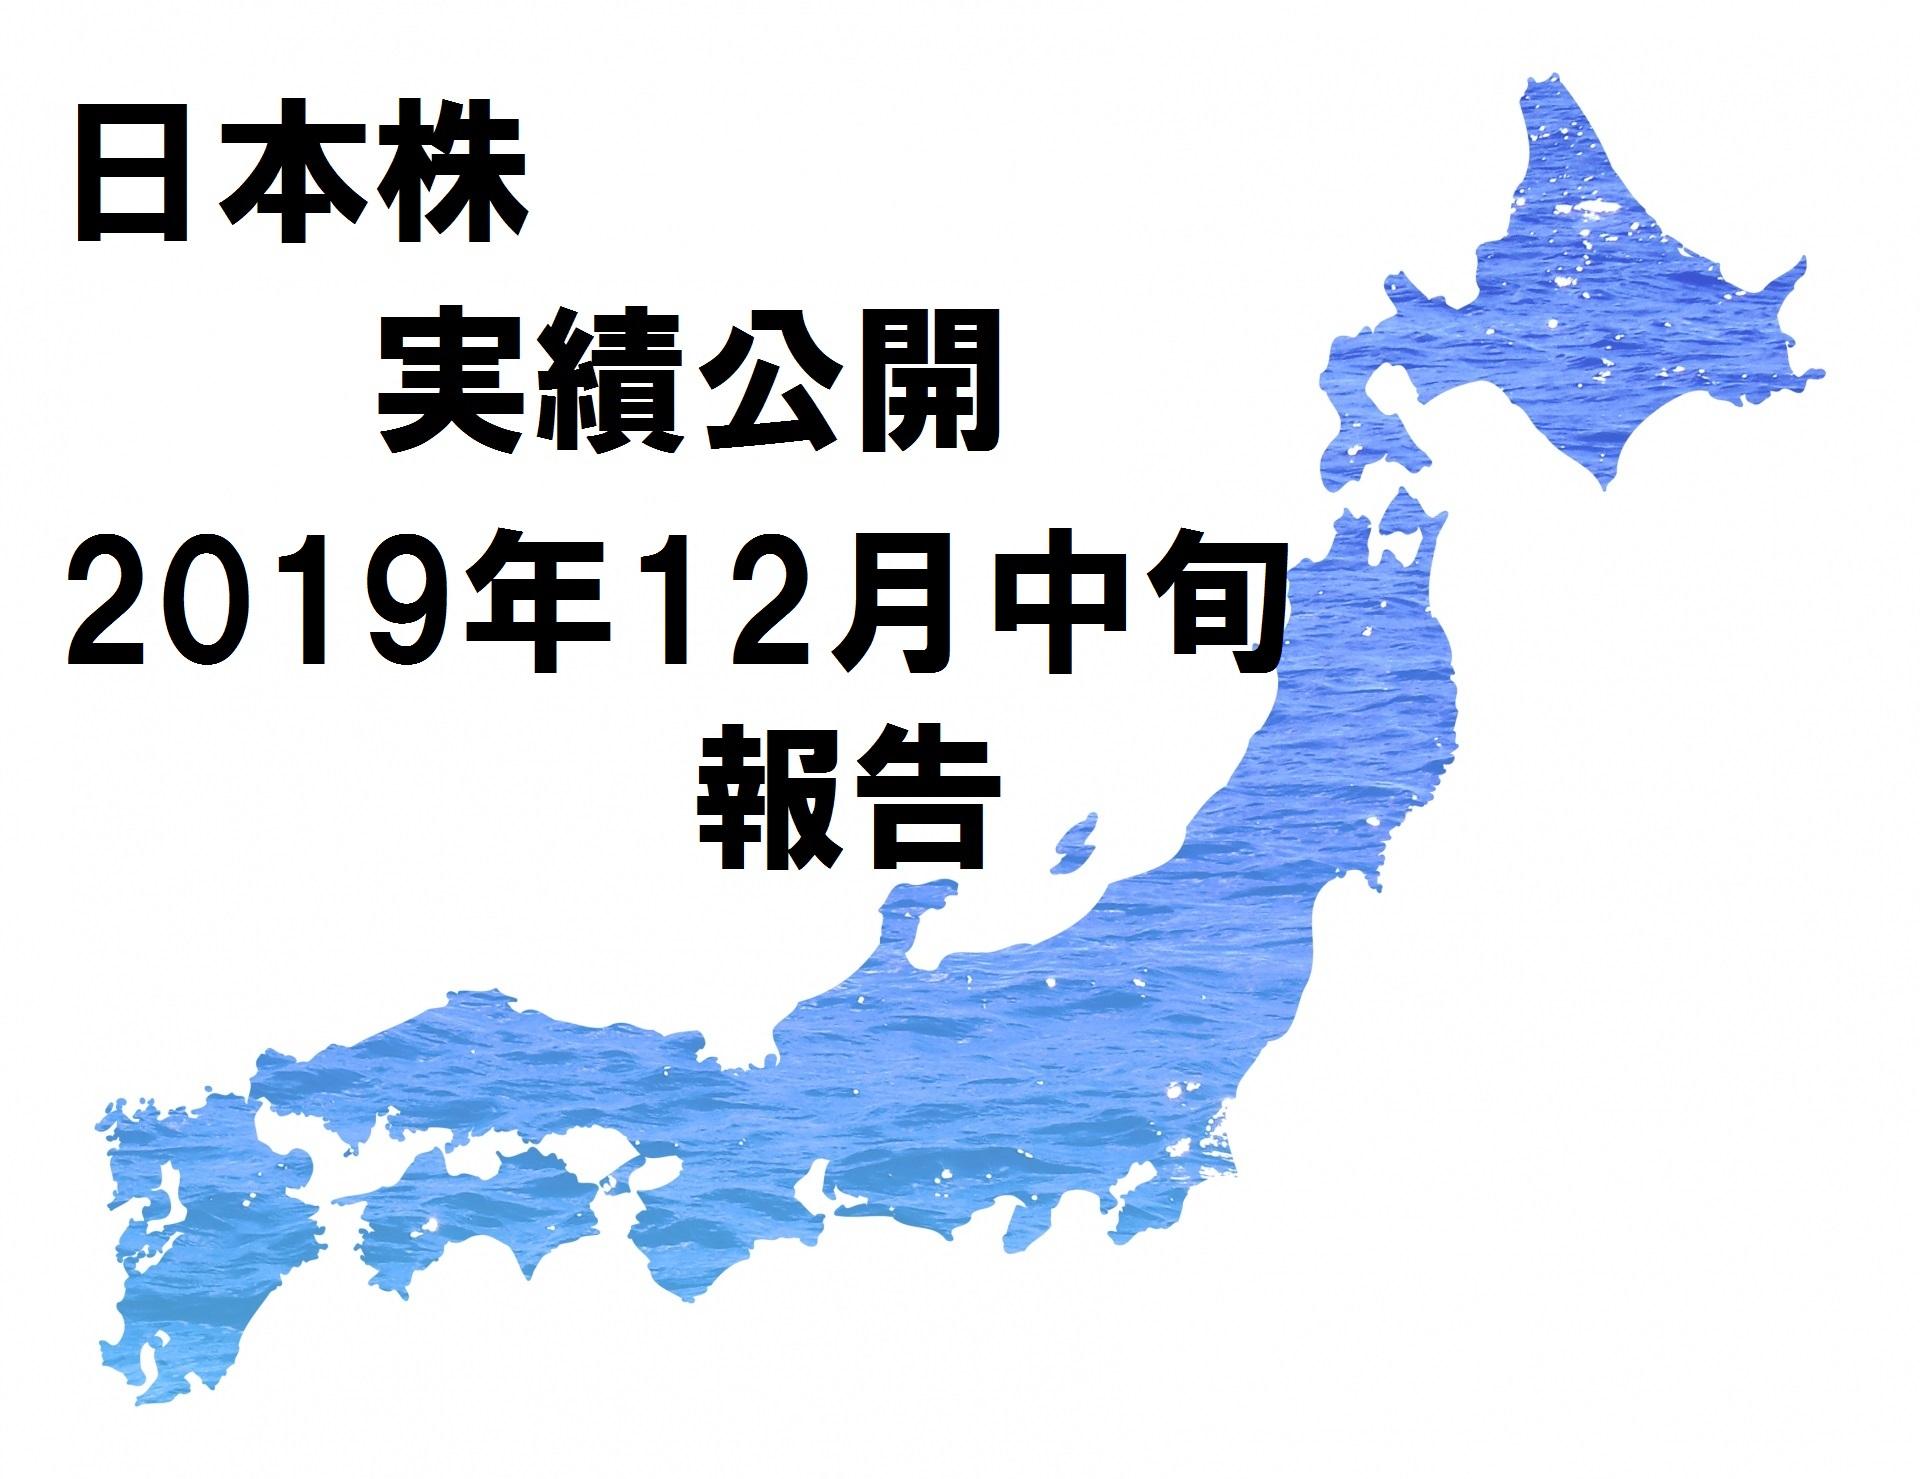 2019年12月中旬時点での日本株実績報告